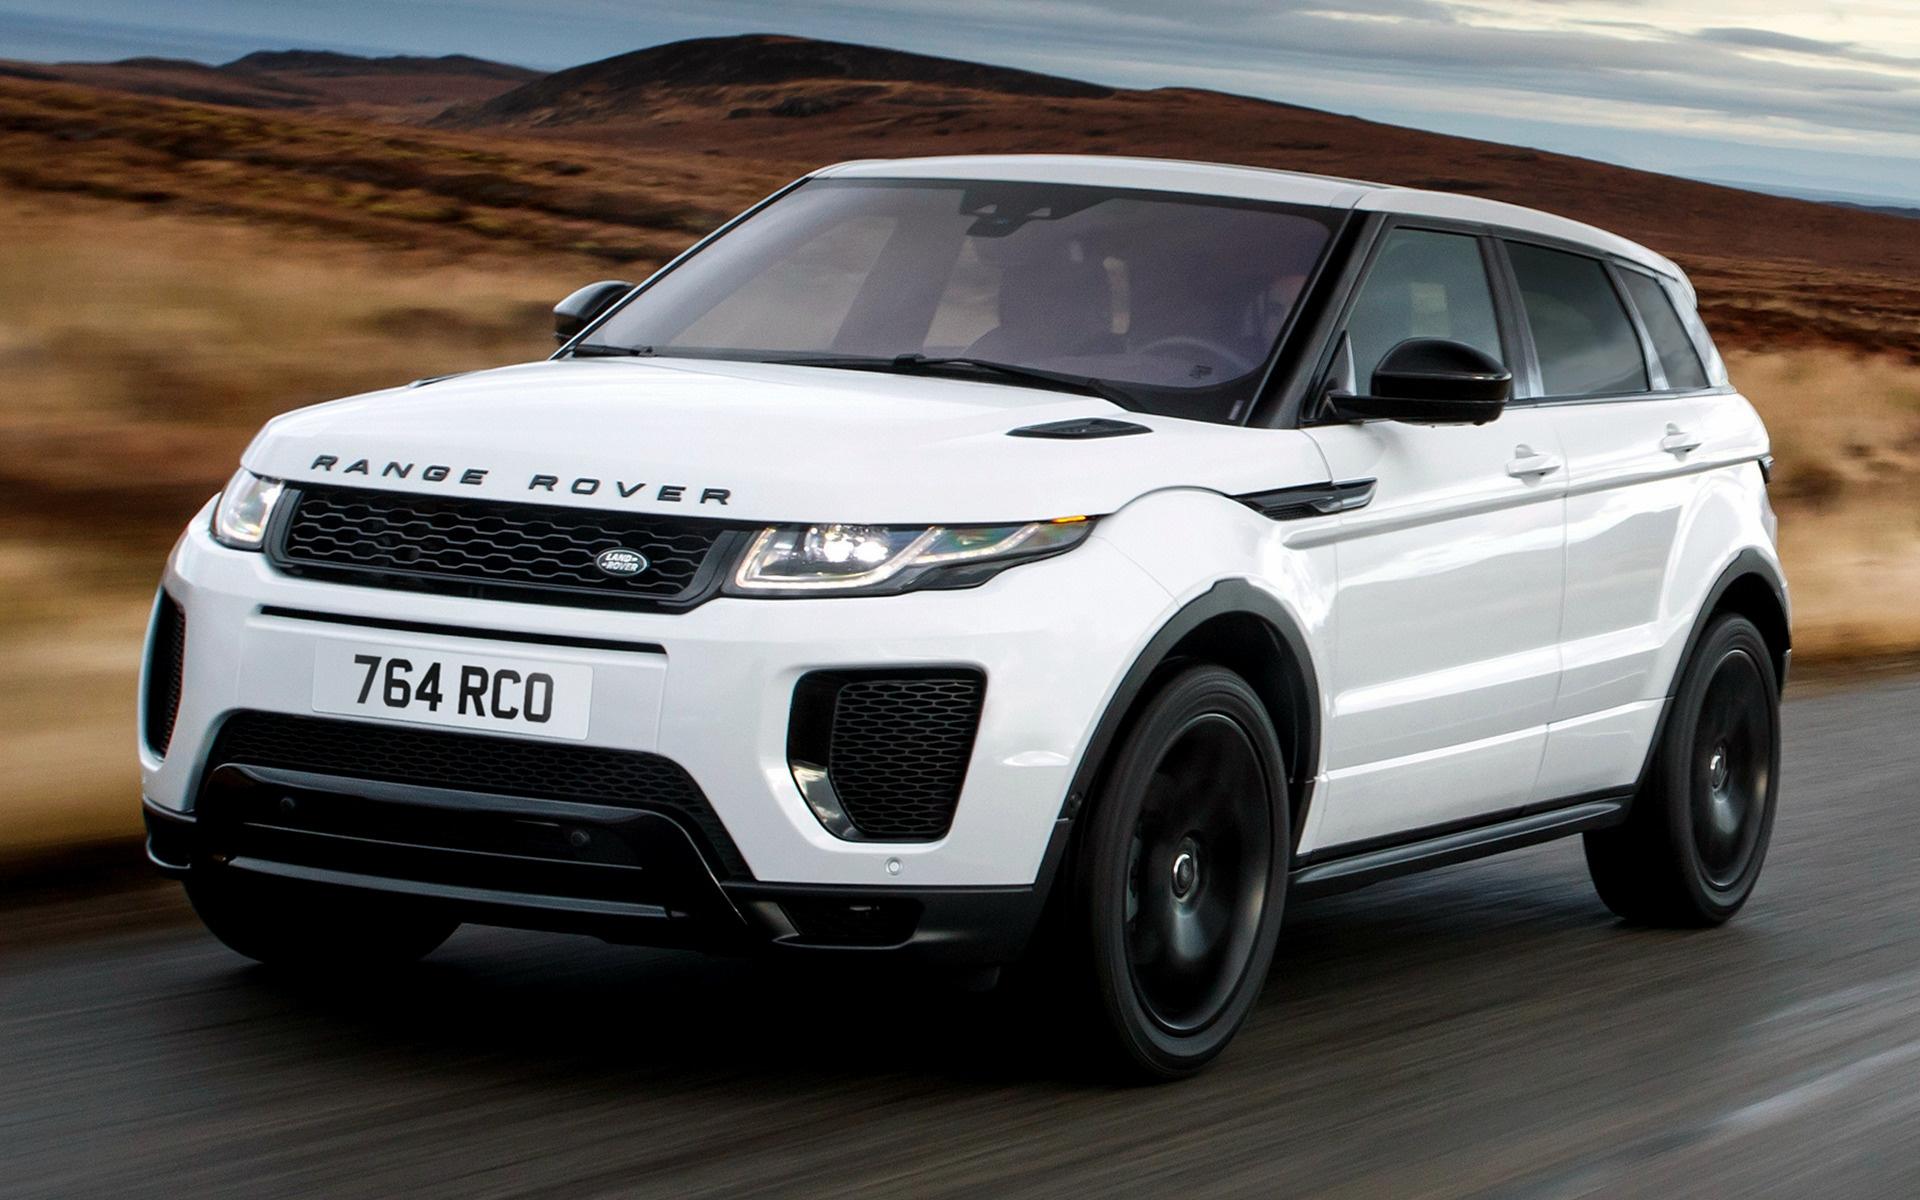 Range Rover Evoke >> 2017 Range Rover Evoque Dynamic Black Design Pack ...